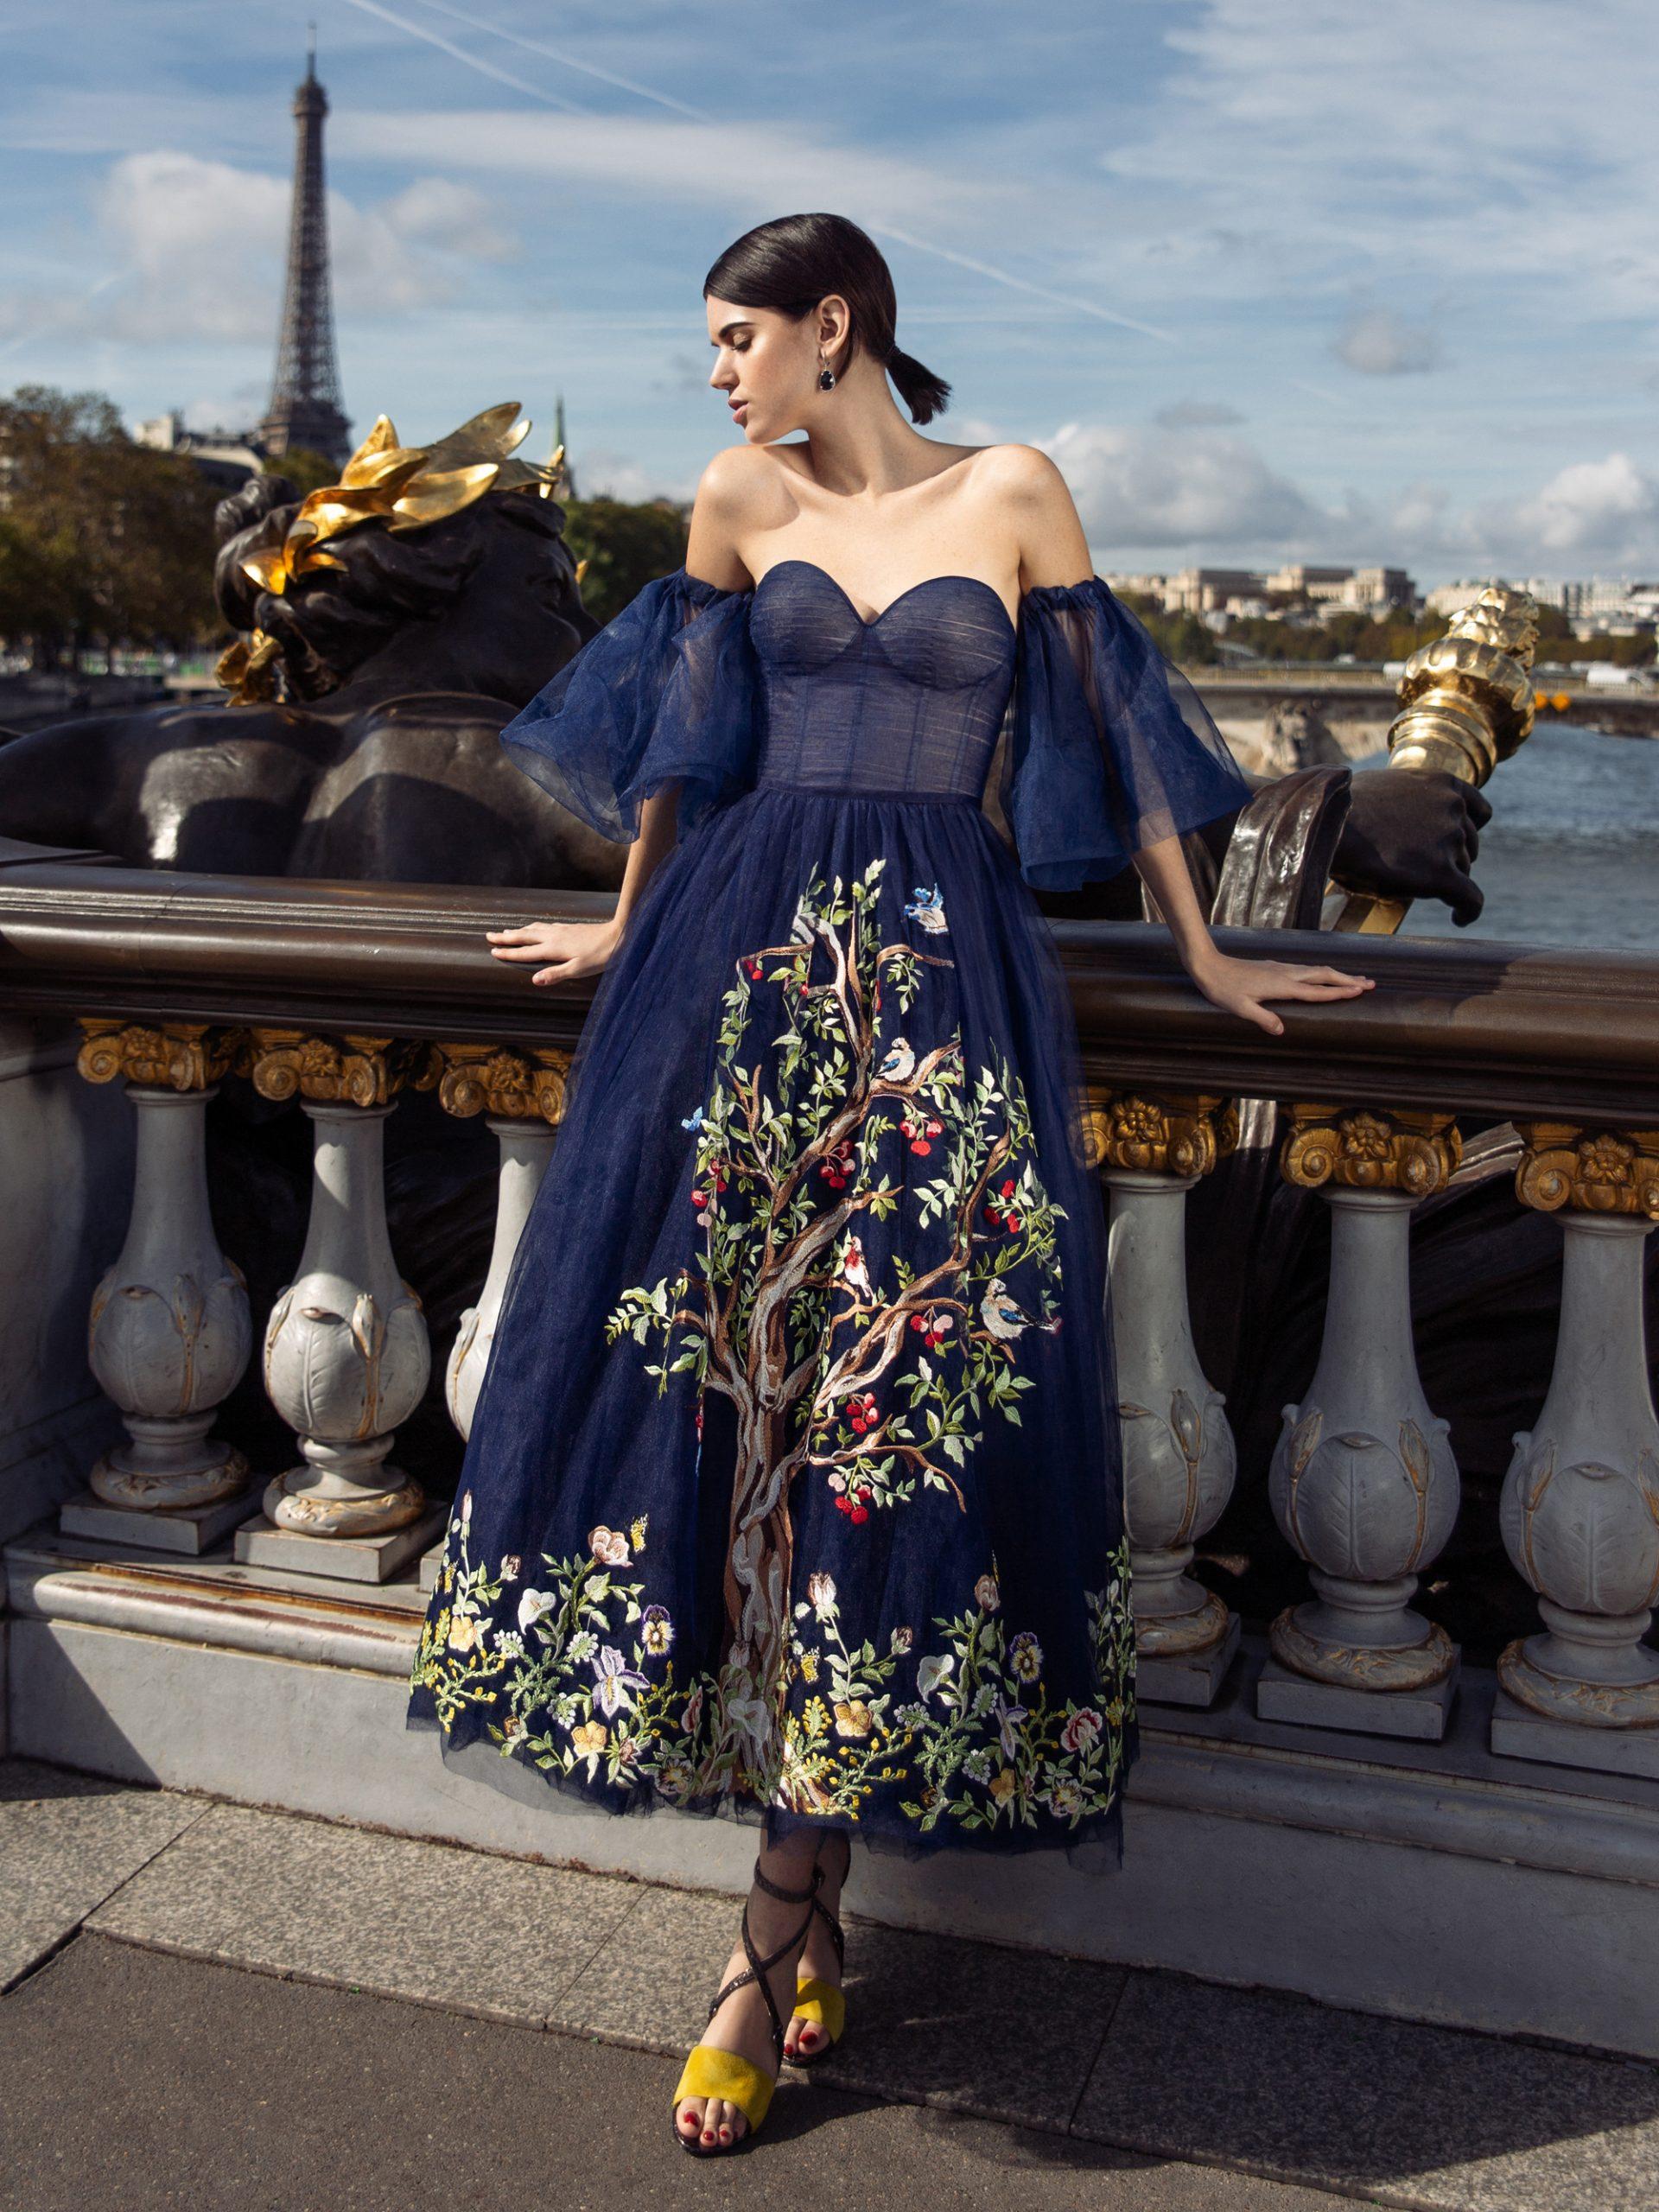 Spektakulär Abendkleid Berlin Design17 Fantastisch Abendkleid Berlin Design